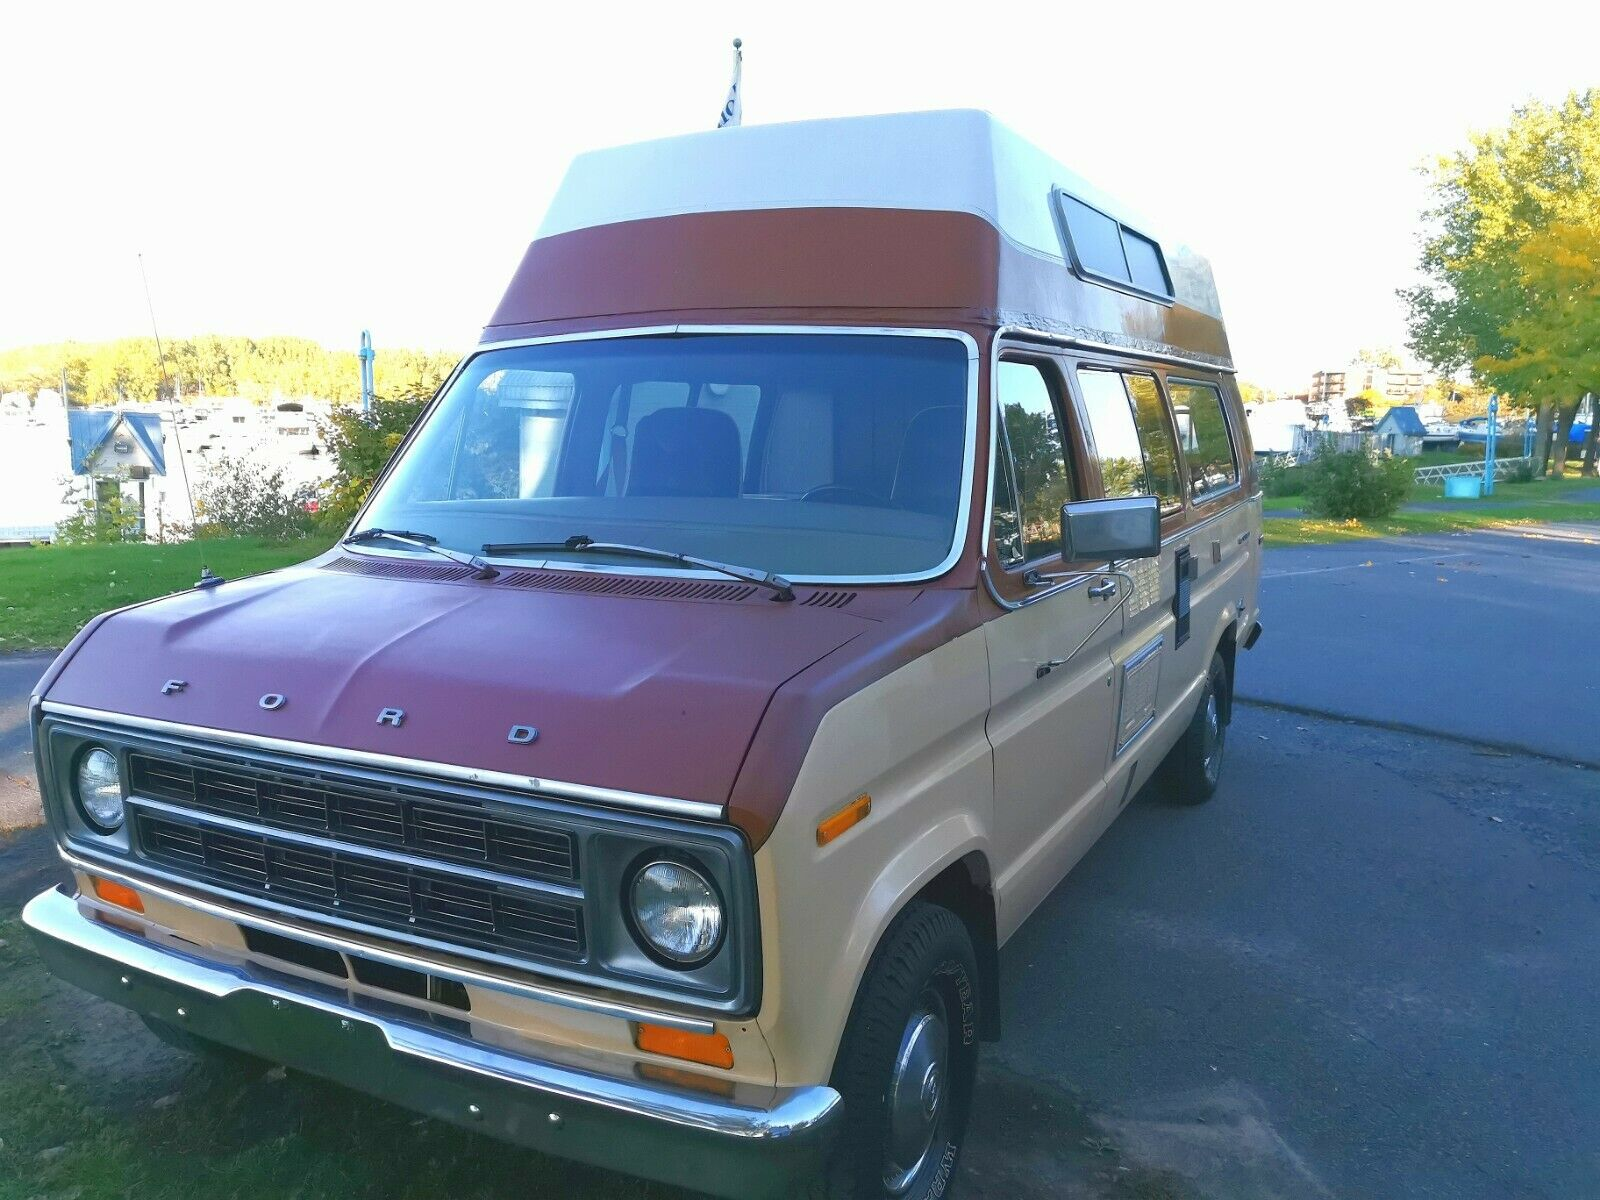 original 1978 Ford Econoline 150 camper